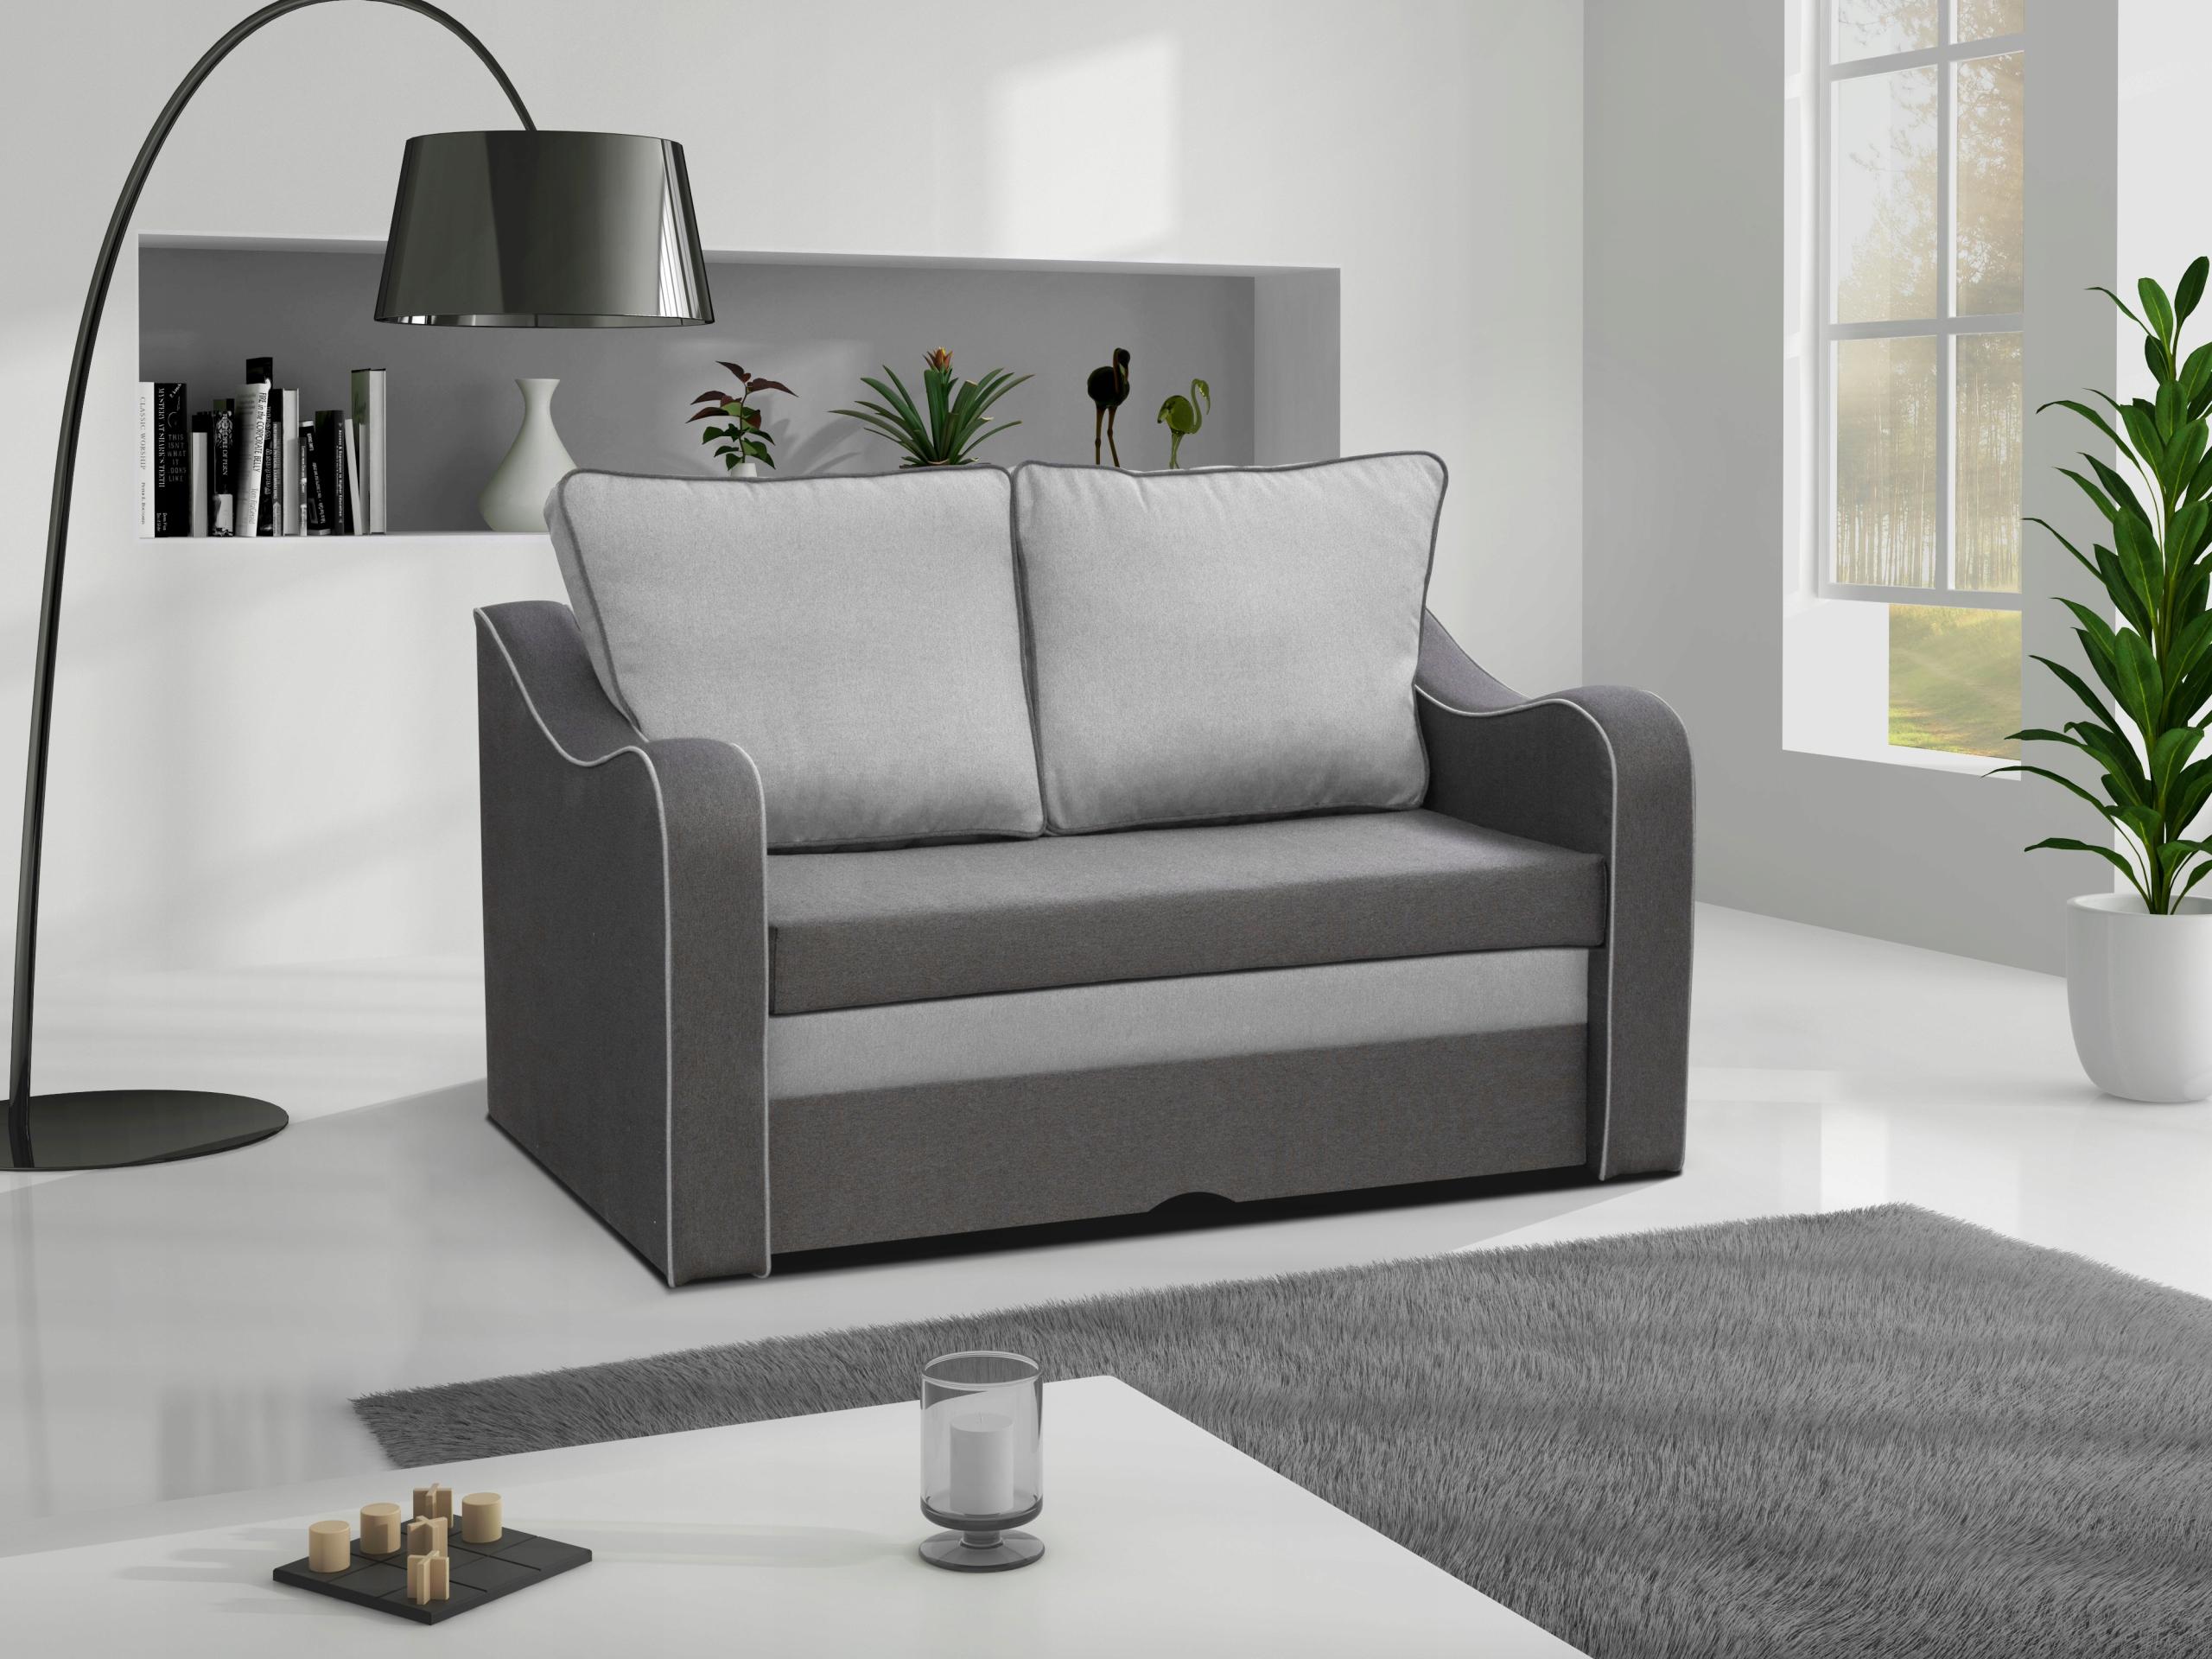 Кресло диван диван ?????????? SAMBA